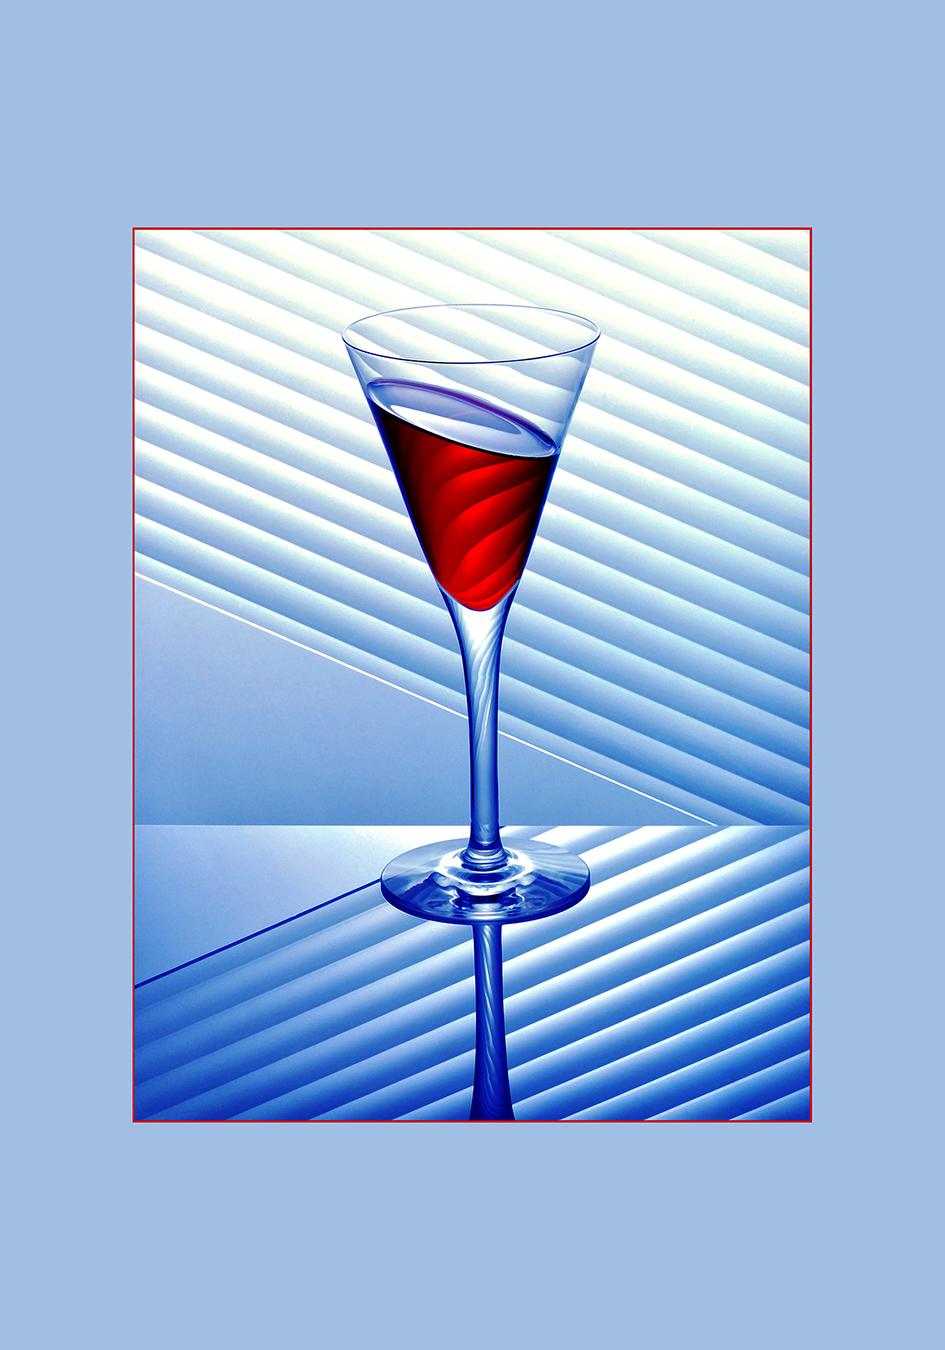 Glaasje blauw